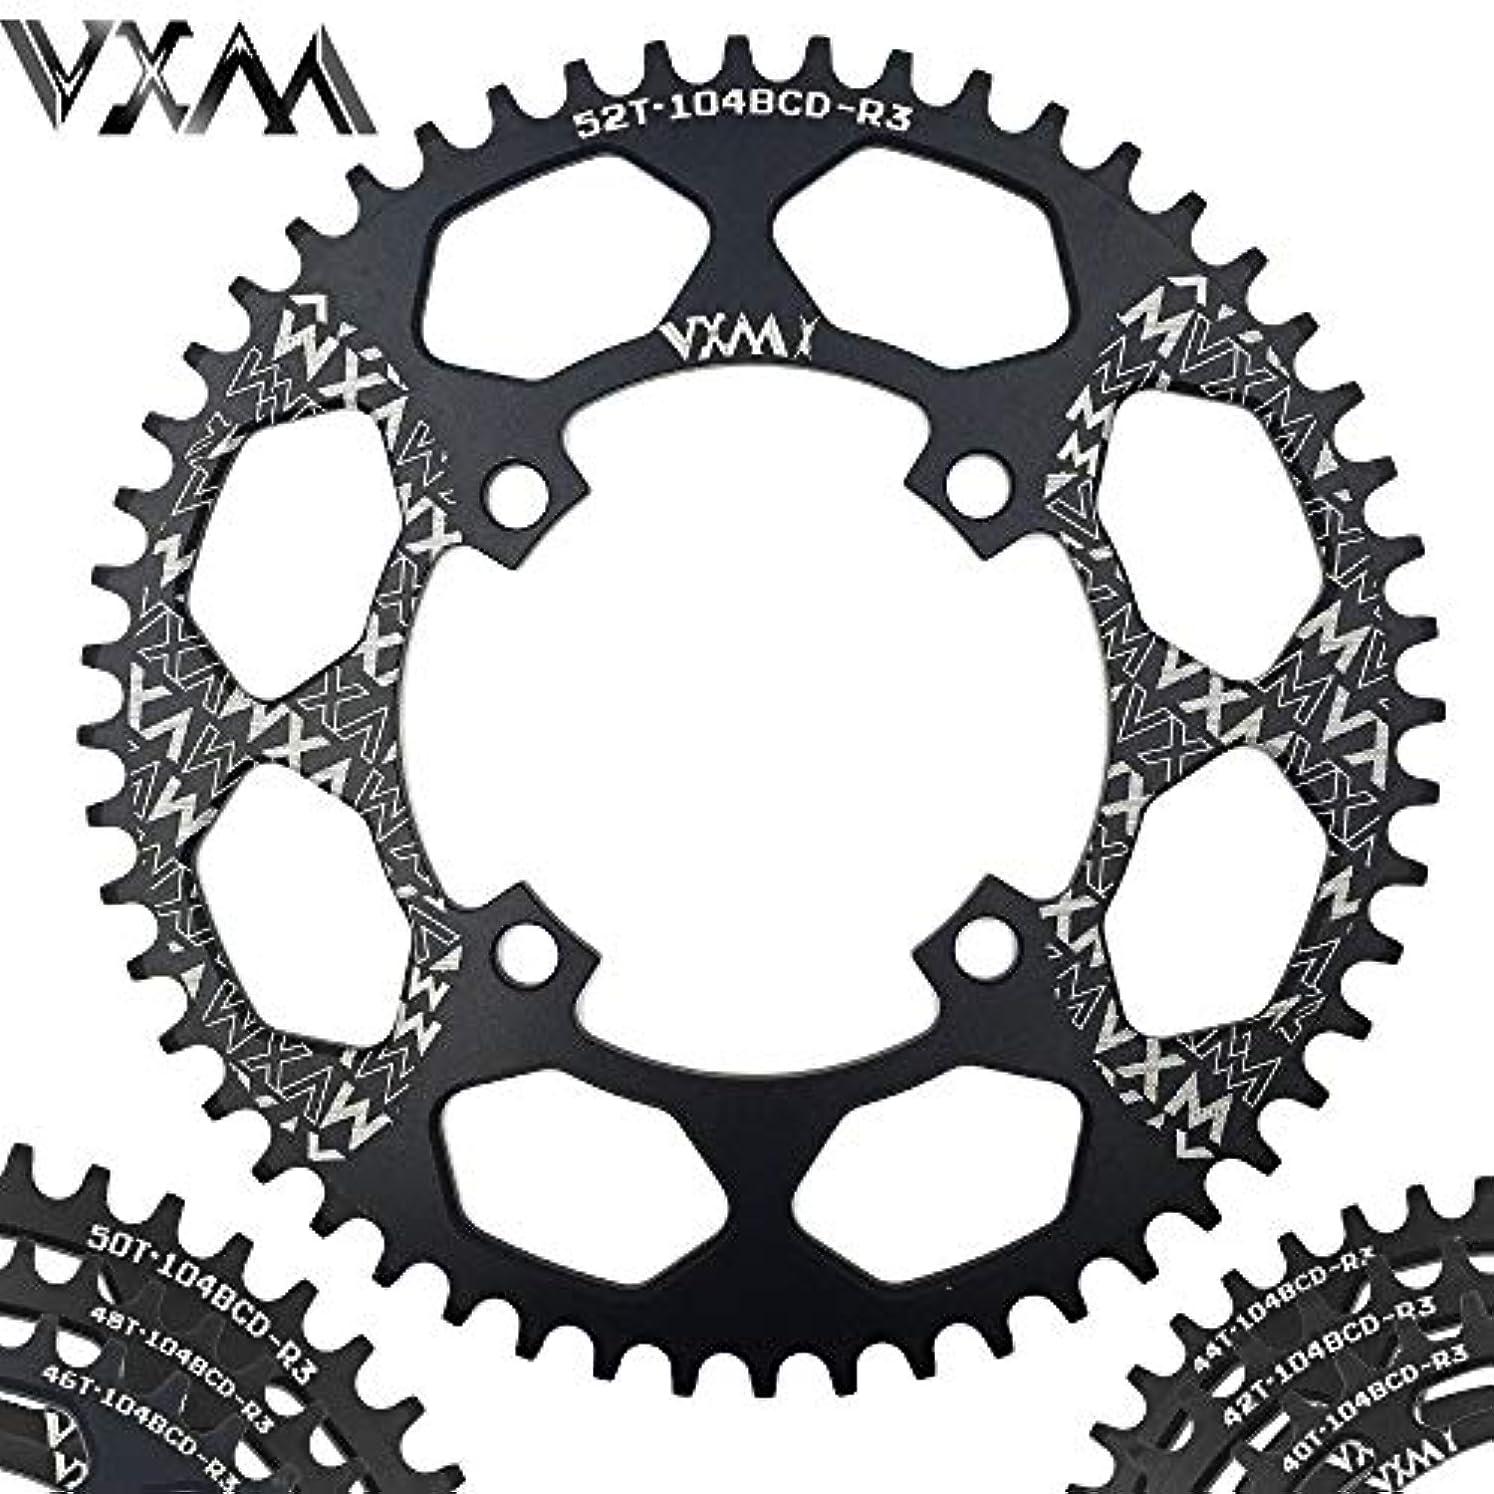 事前にパラダイスファランクスPropenary - Bicycle Aluminum Chainring 104BCD 40T 42T 44T 46T 48T 50T 52T Mountain Bicycle Chainwheel Bike Crankset Bicycle Parts [ 104BCD 50T ]